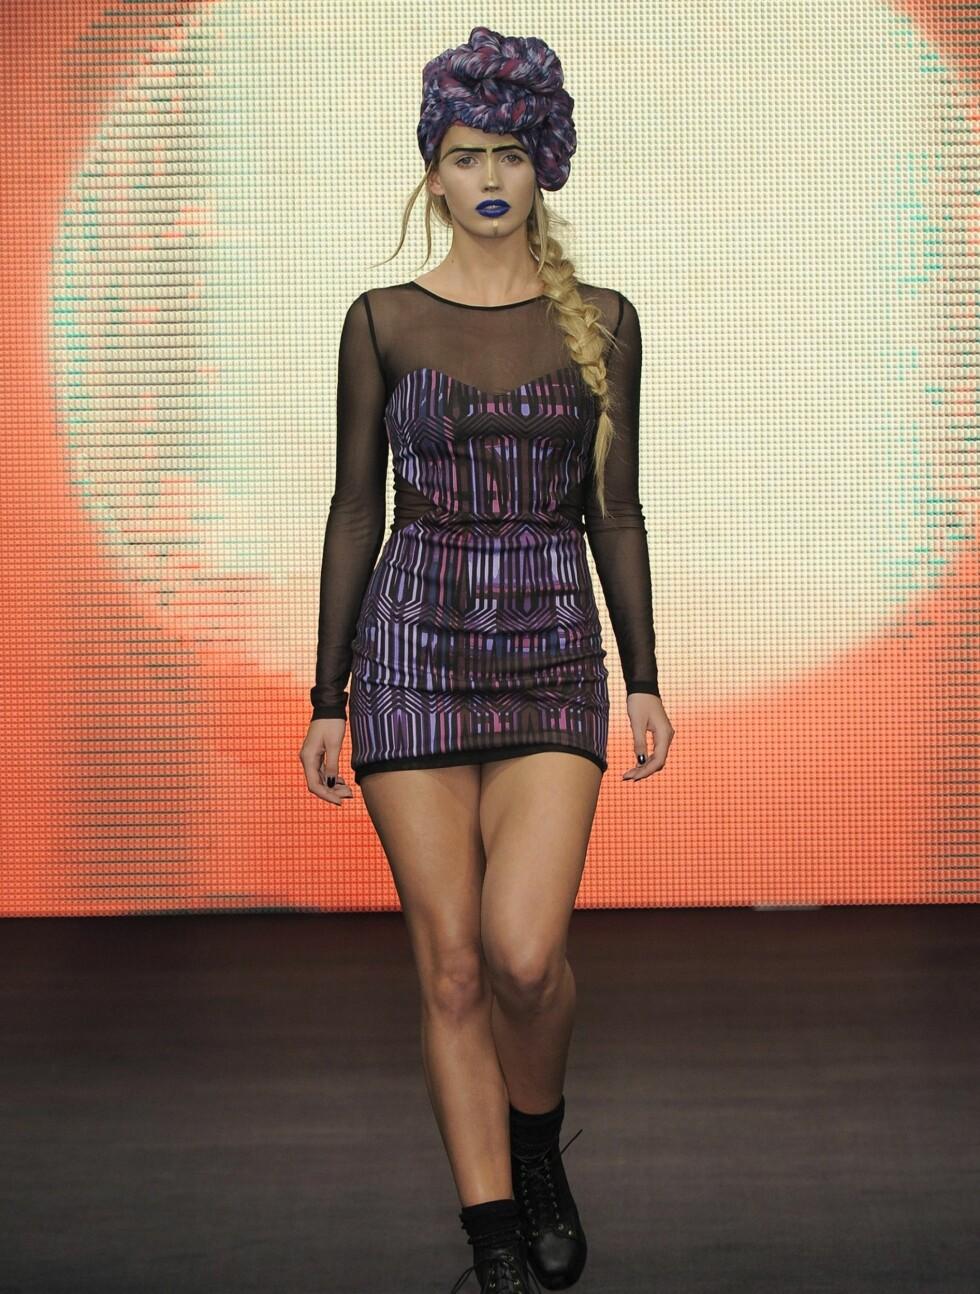 MINIMALT: Denne House of Dereon-kjolen henger  kanskje på vent hos Beyoncé til gravidmagen er borte igjen? Foto: All Over Press